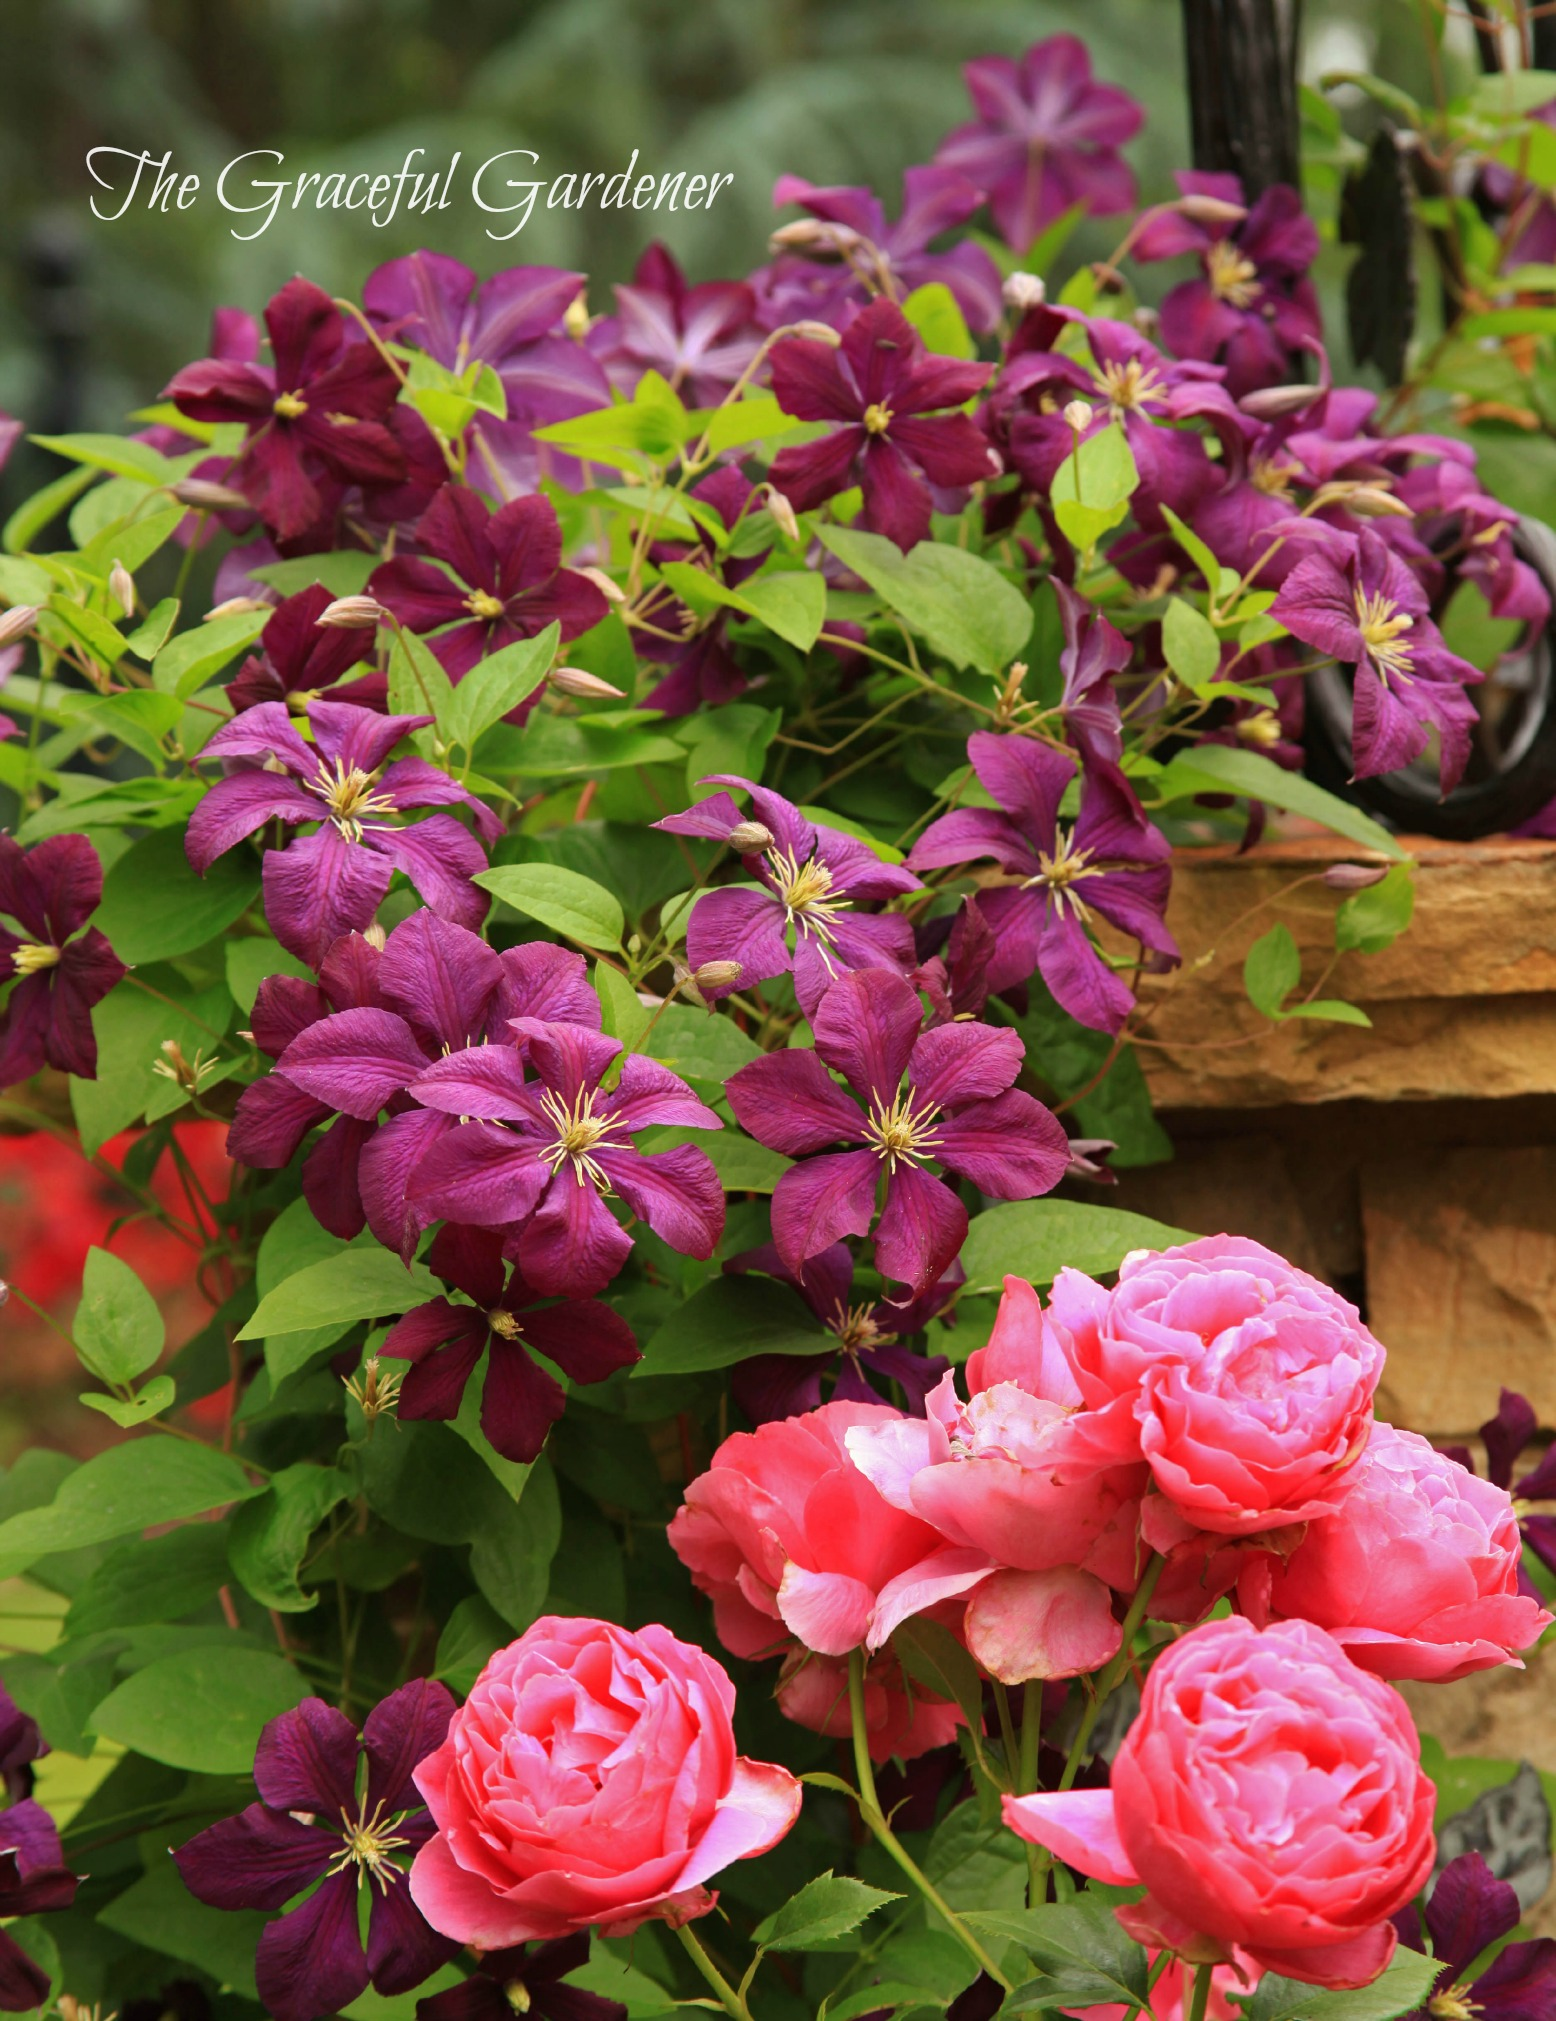 the graceful gardener clematis vitcella etoile violette. Black Bedroom Furniture Sets. Home Design Ideas